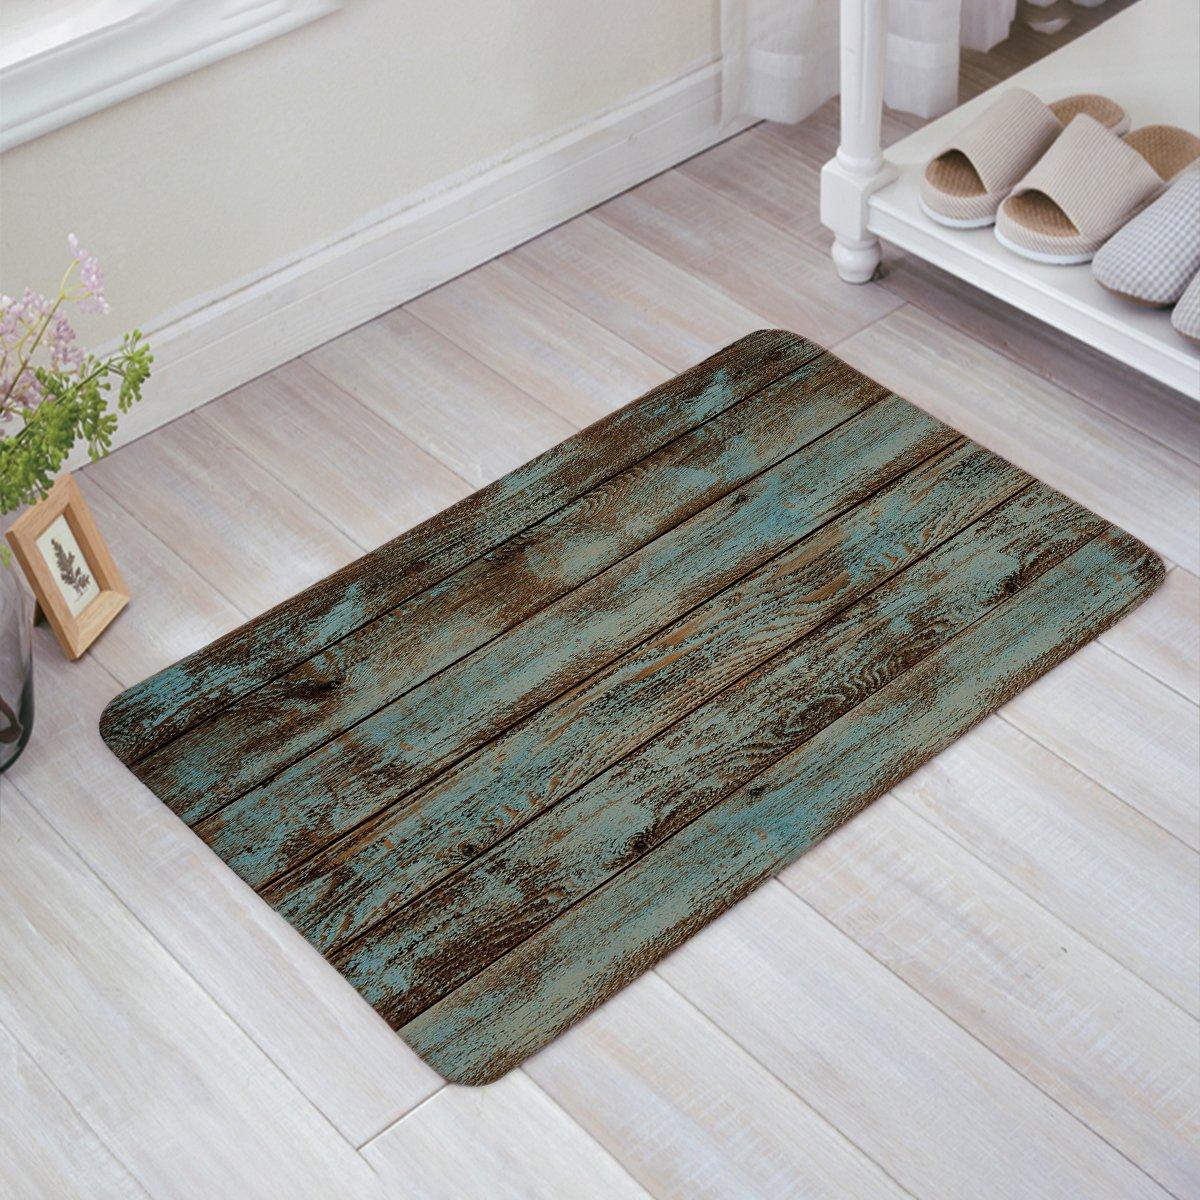 Infinidesign Doormat Entrance Mat Floor Rug Kitchen/Front Door/Bathroom Mats Rustic Old Barn Wood Pattern 23.6''x 15.7''